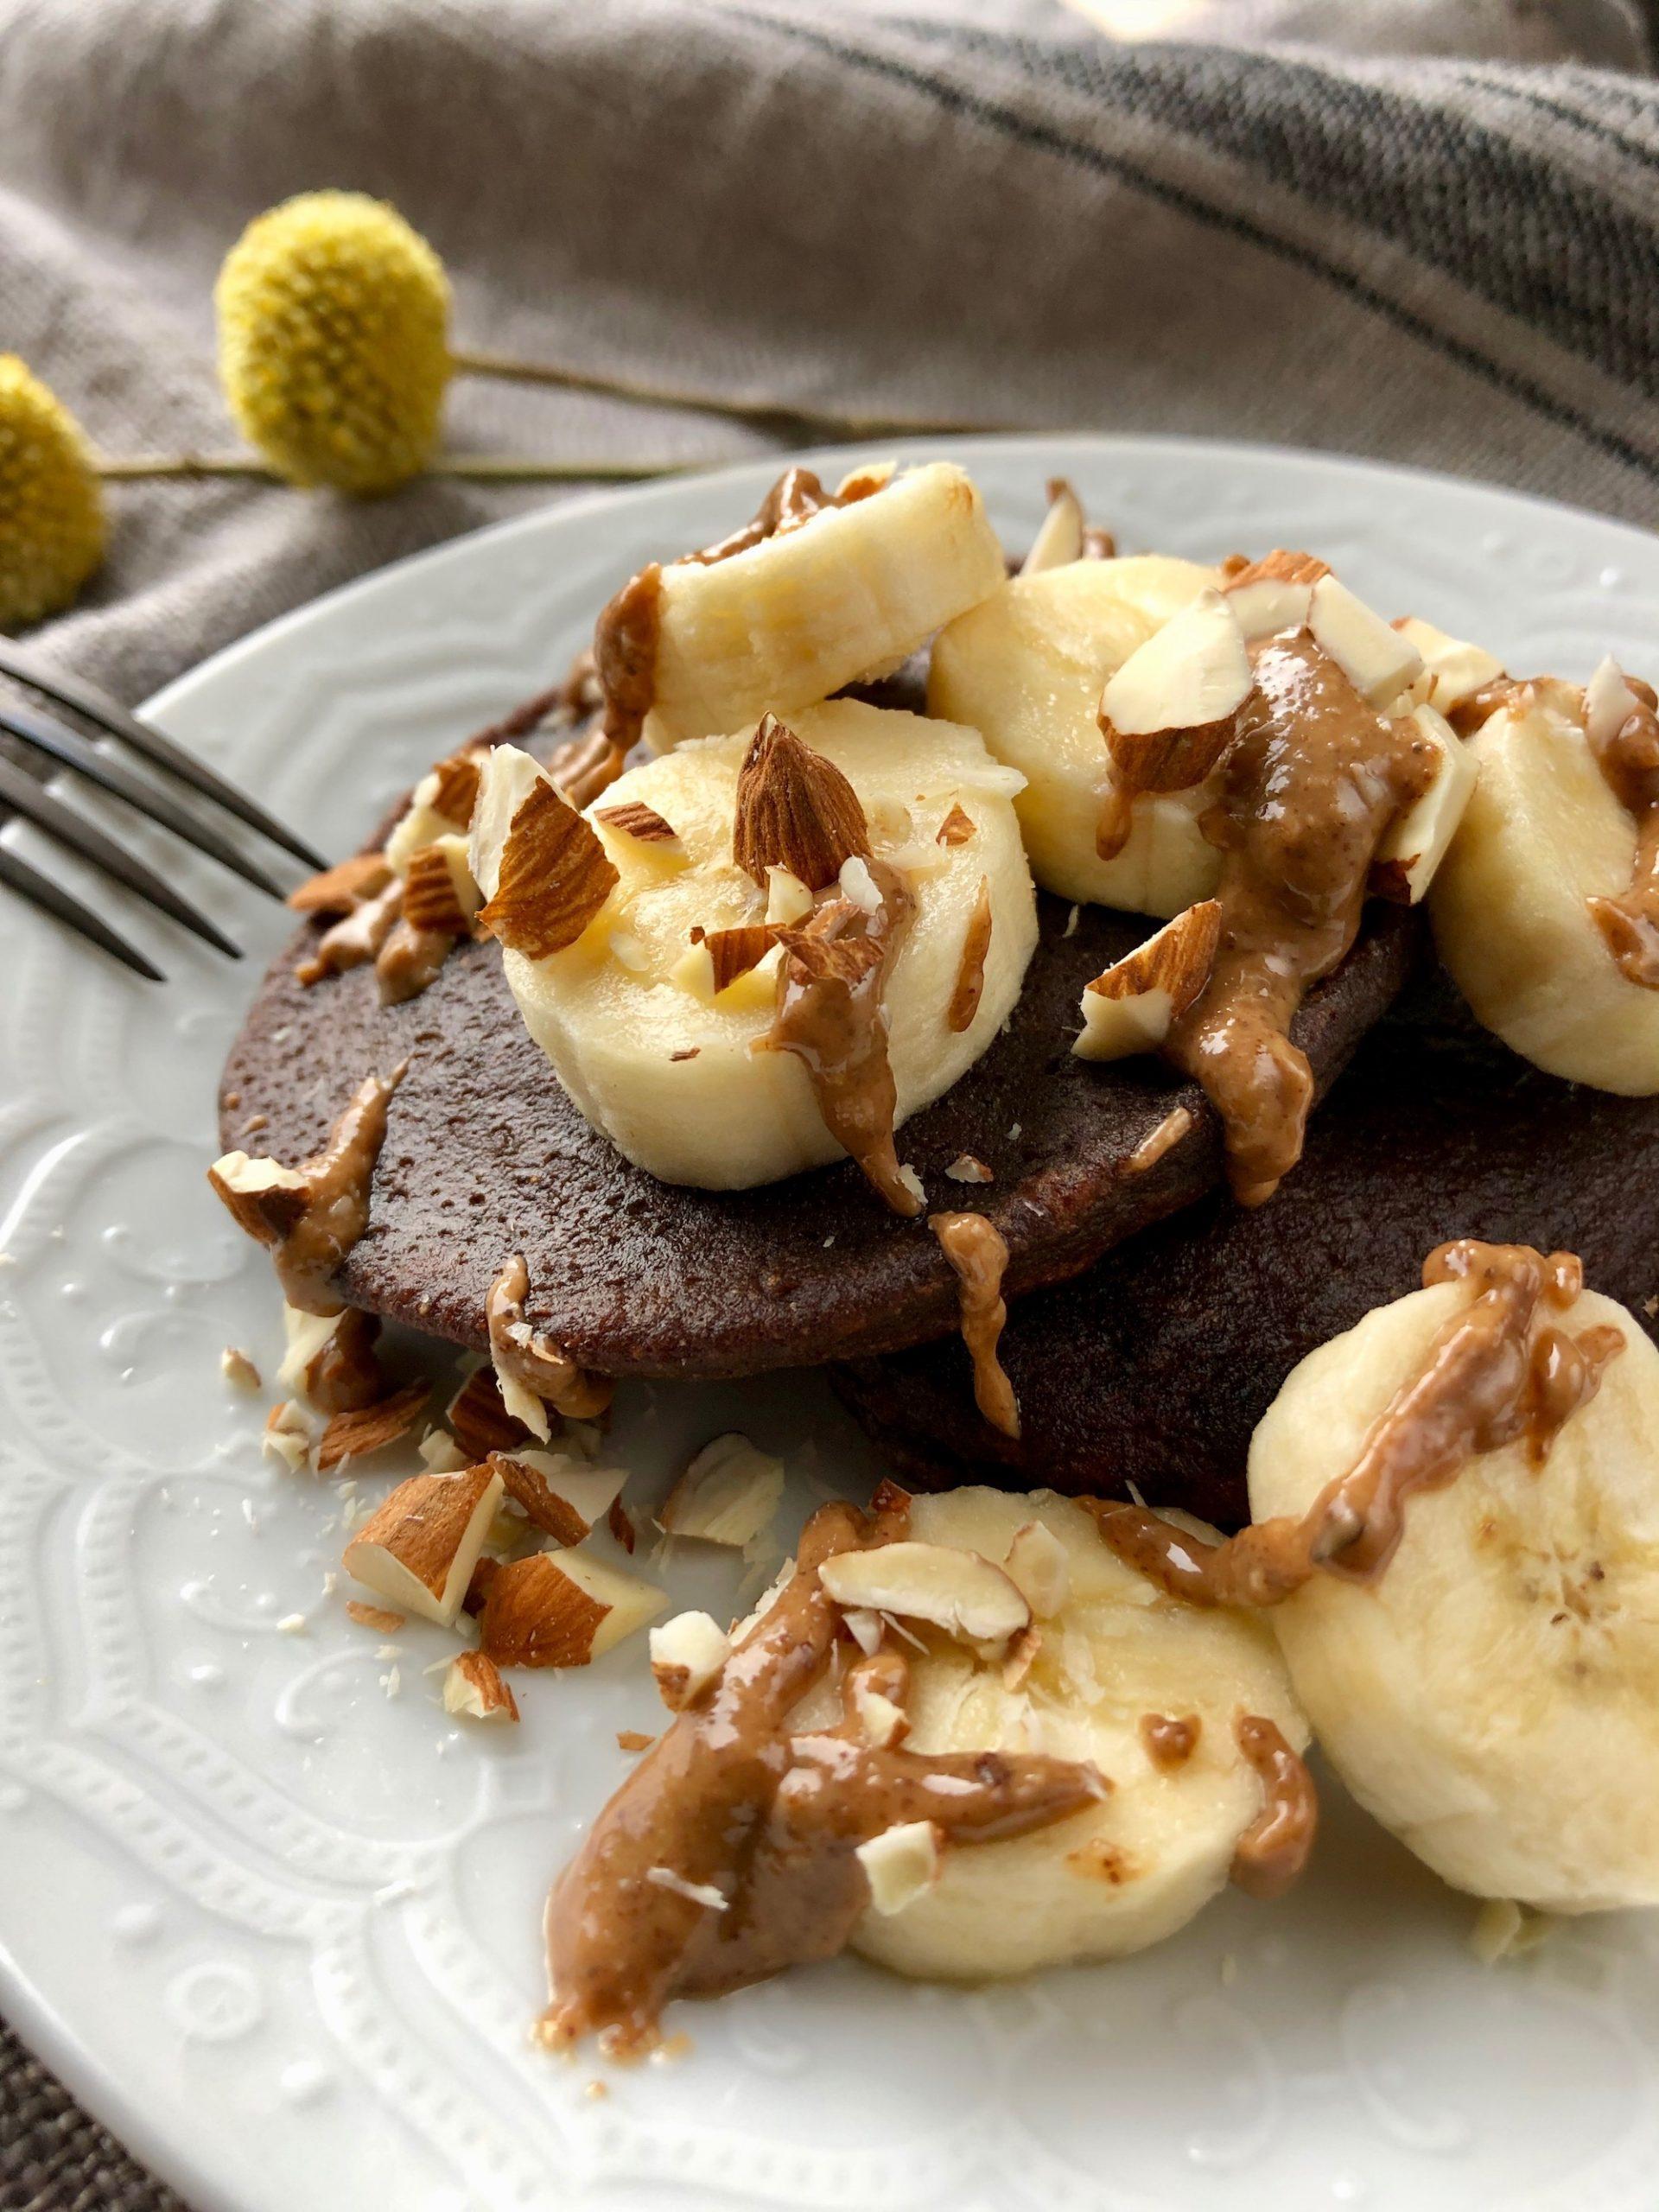 Äggfria chokladplättar på bananmjöl toppade med banan, mandelsmör och hackad mandel